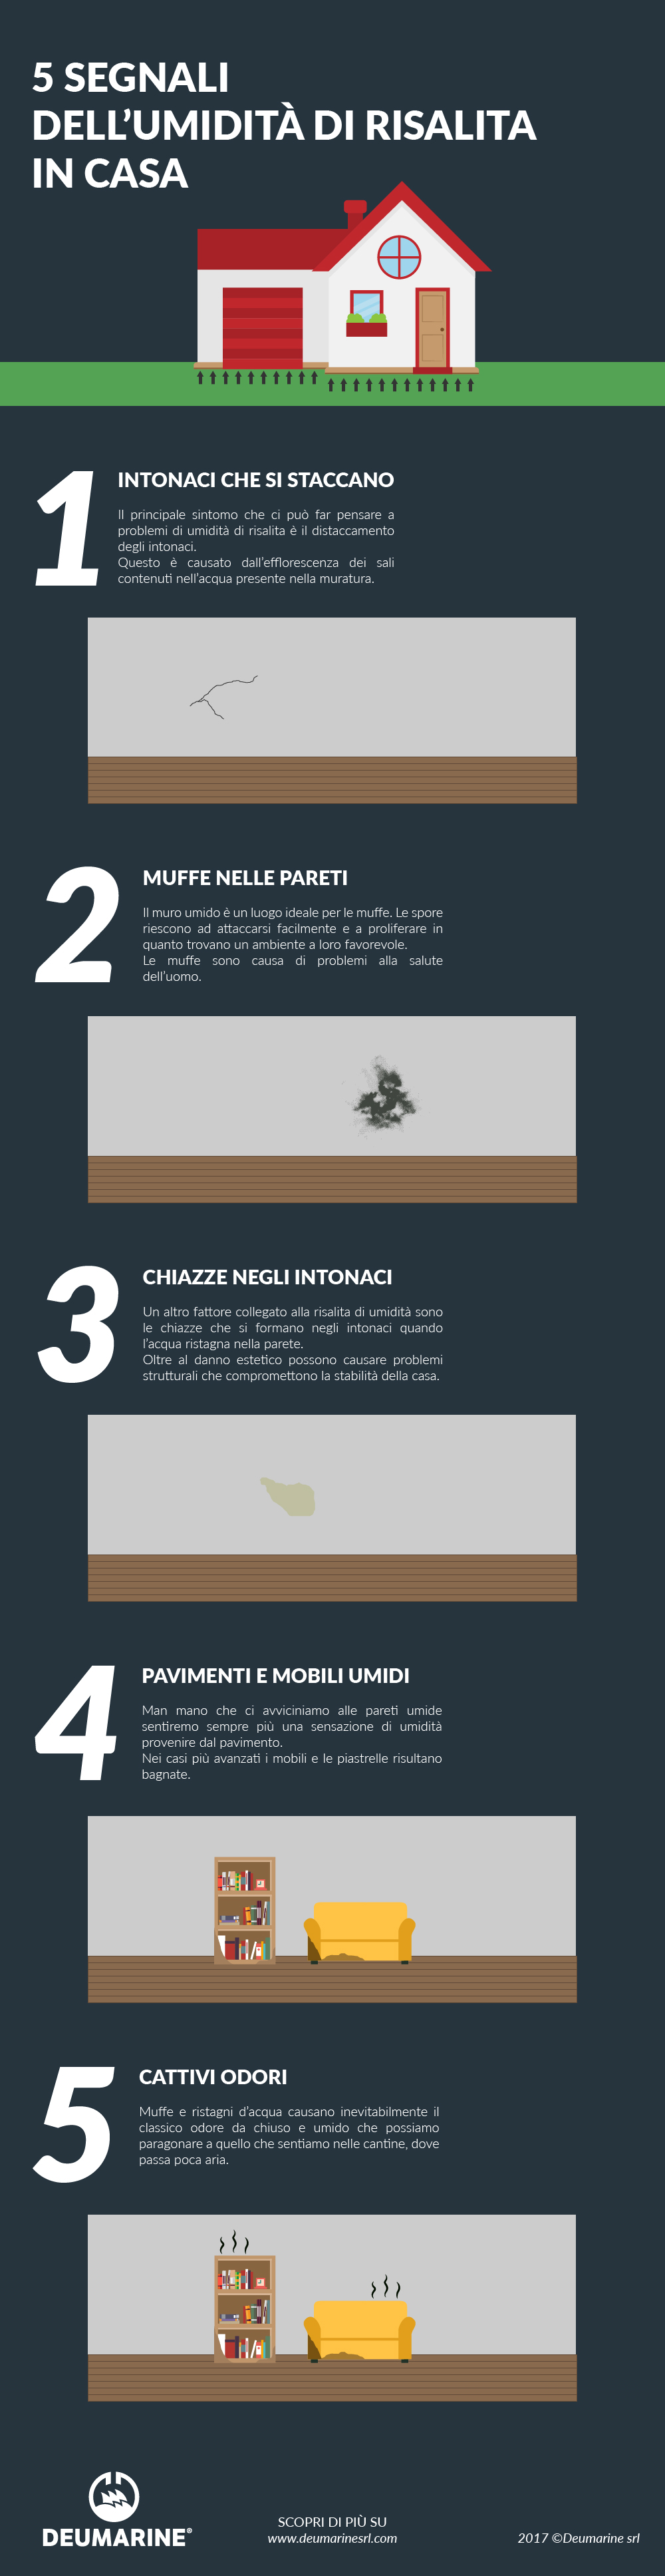 infografica umidità di risalita